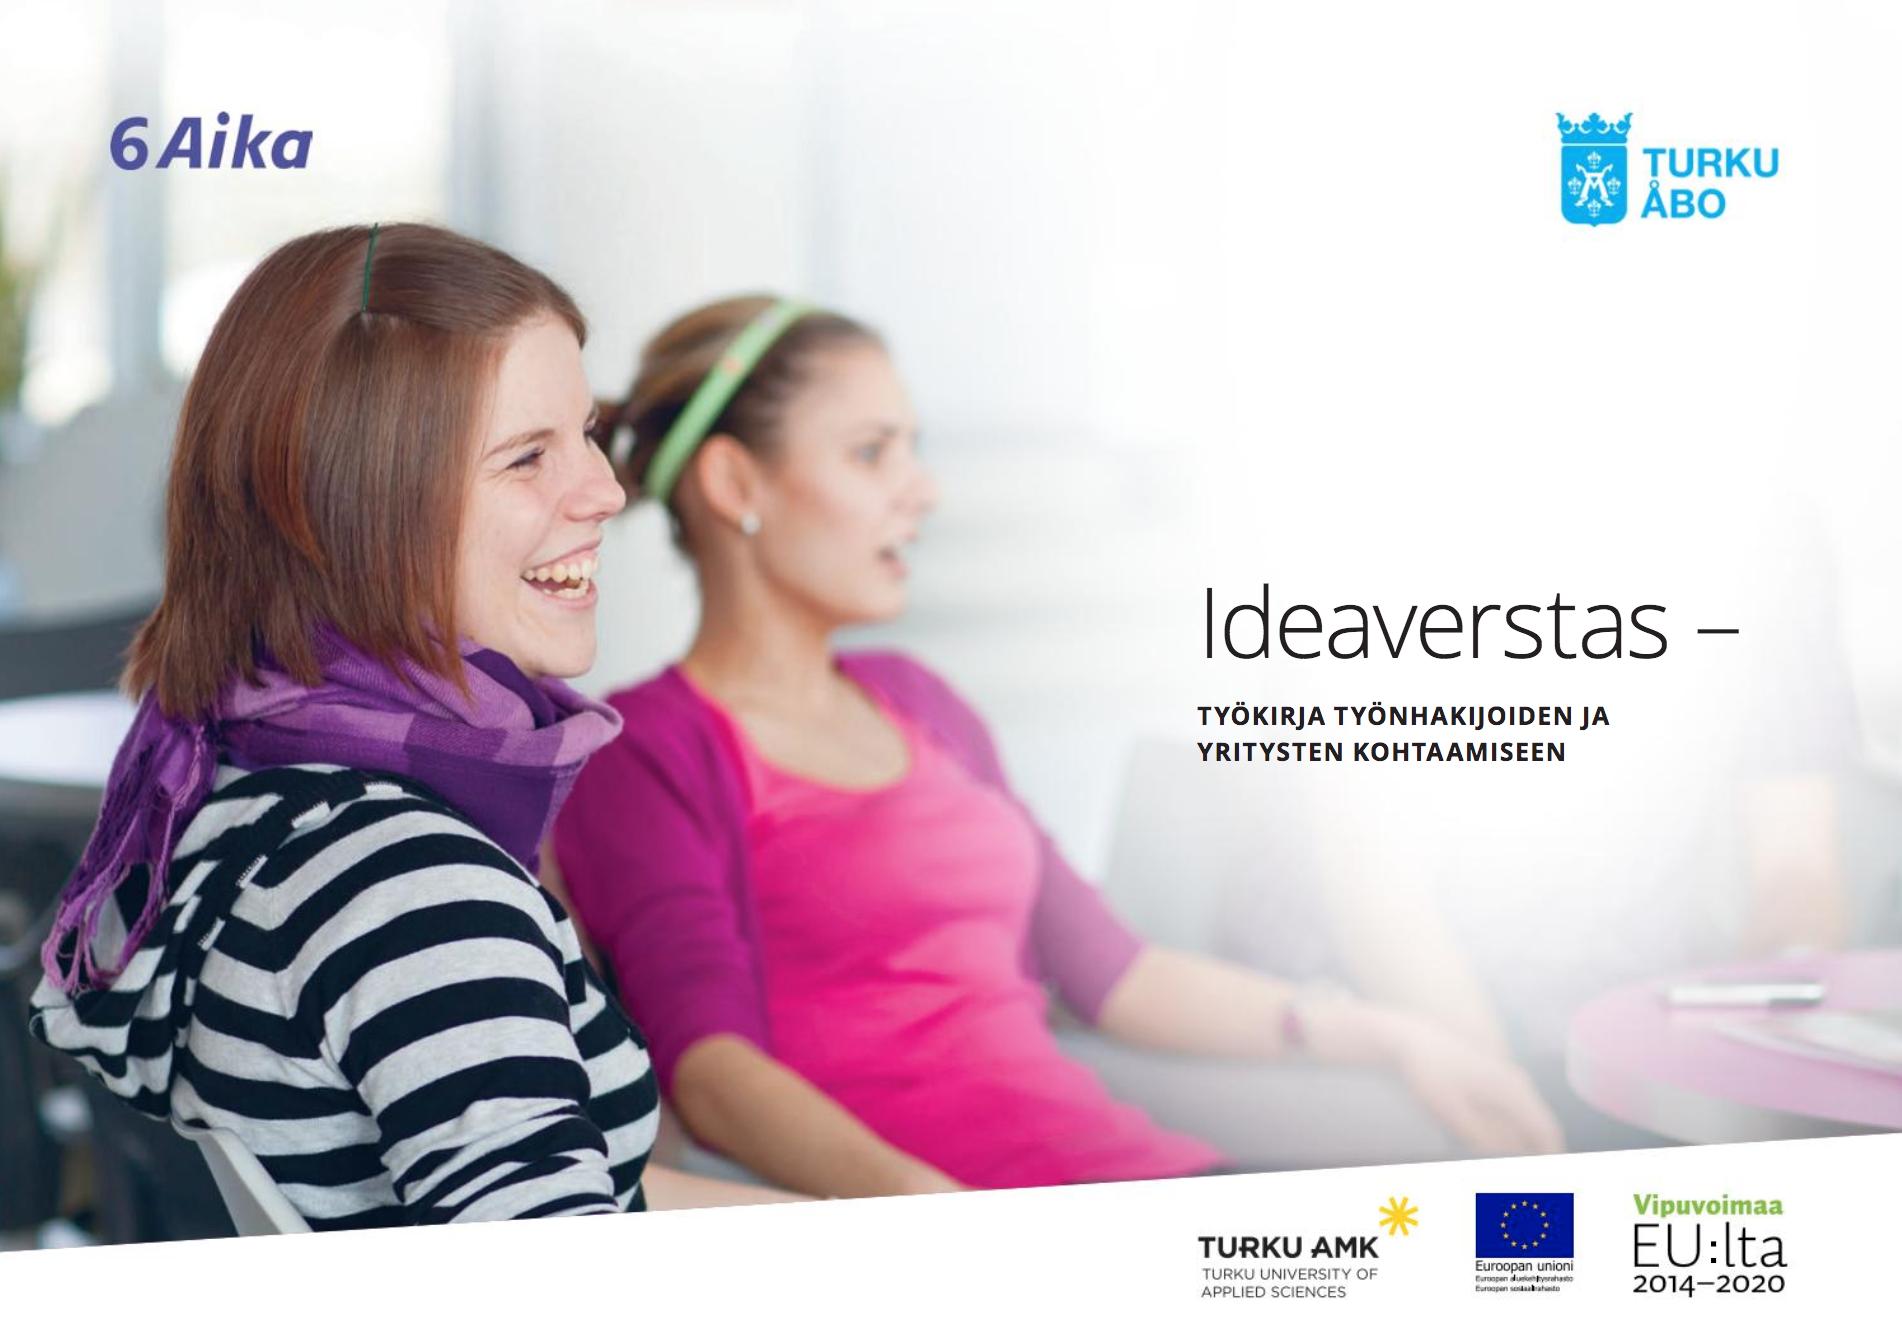 Cover for article 'Ideaverstas – Työkirja työnhakijoiden ja yritysten kohtaamiseen'